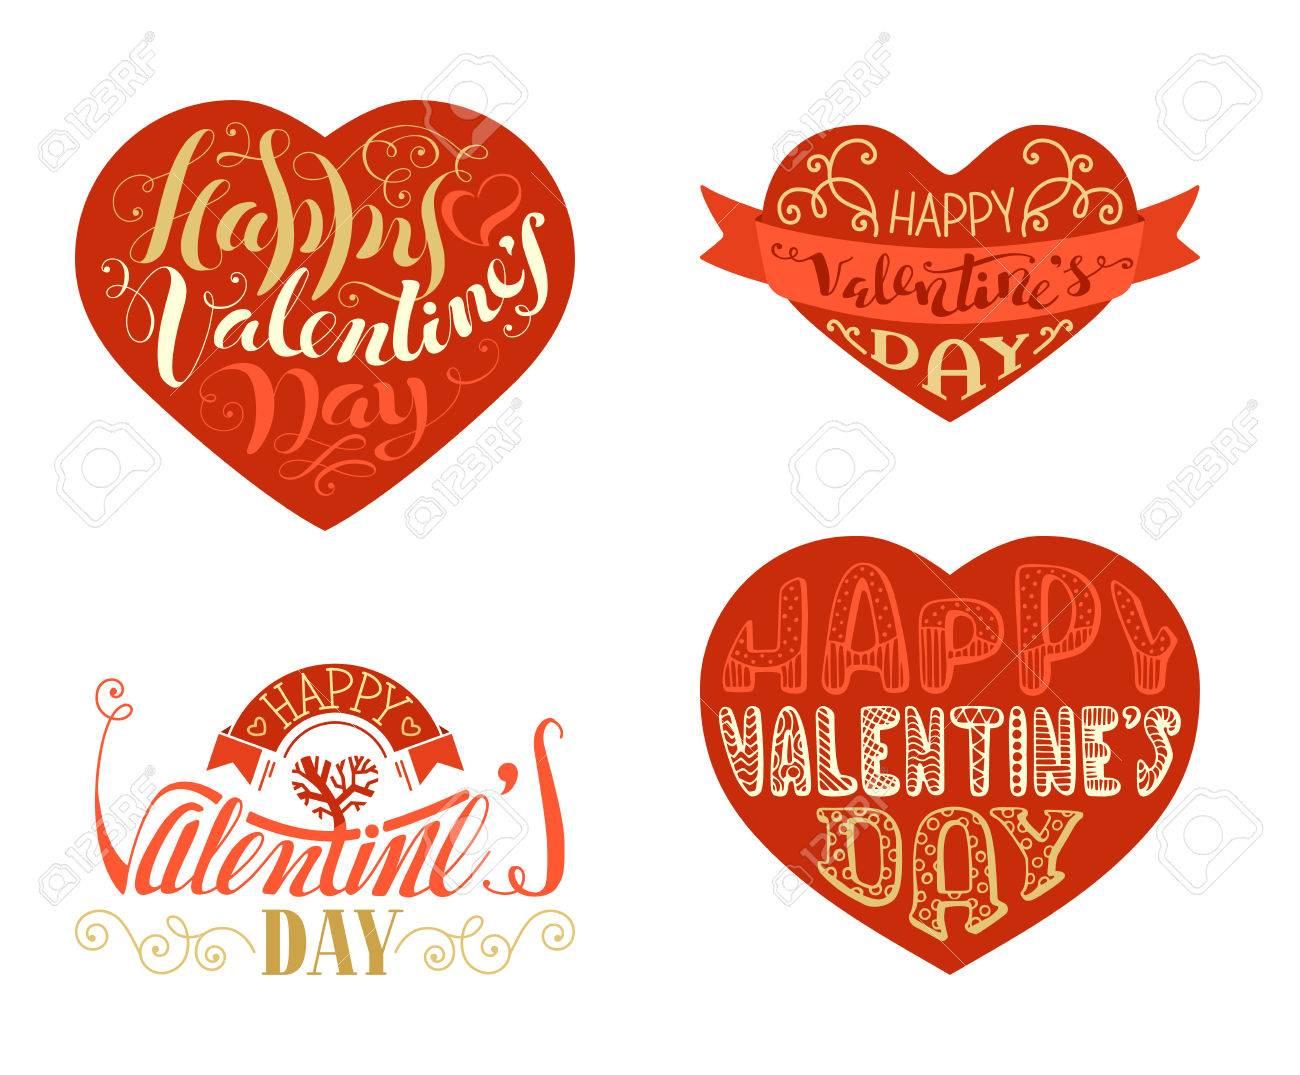 Feliz Día De San Valentín Vector Conjunto De Insignias De Oro Rojo Y Amor Escritas A Mano Frases Románticas En Forma De Corazones Cintas Y Adornos